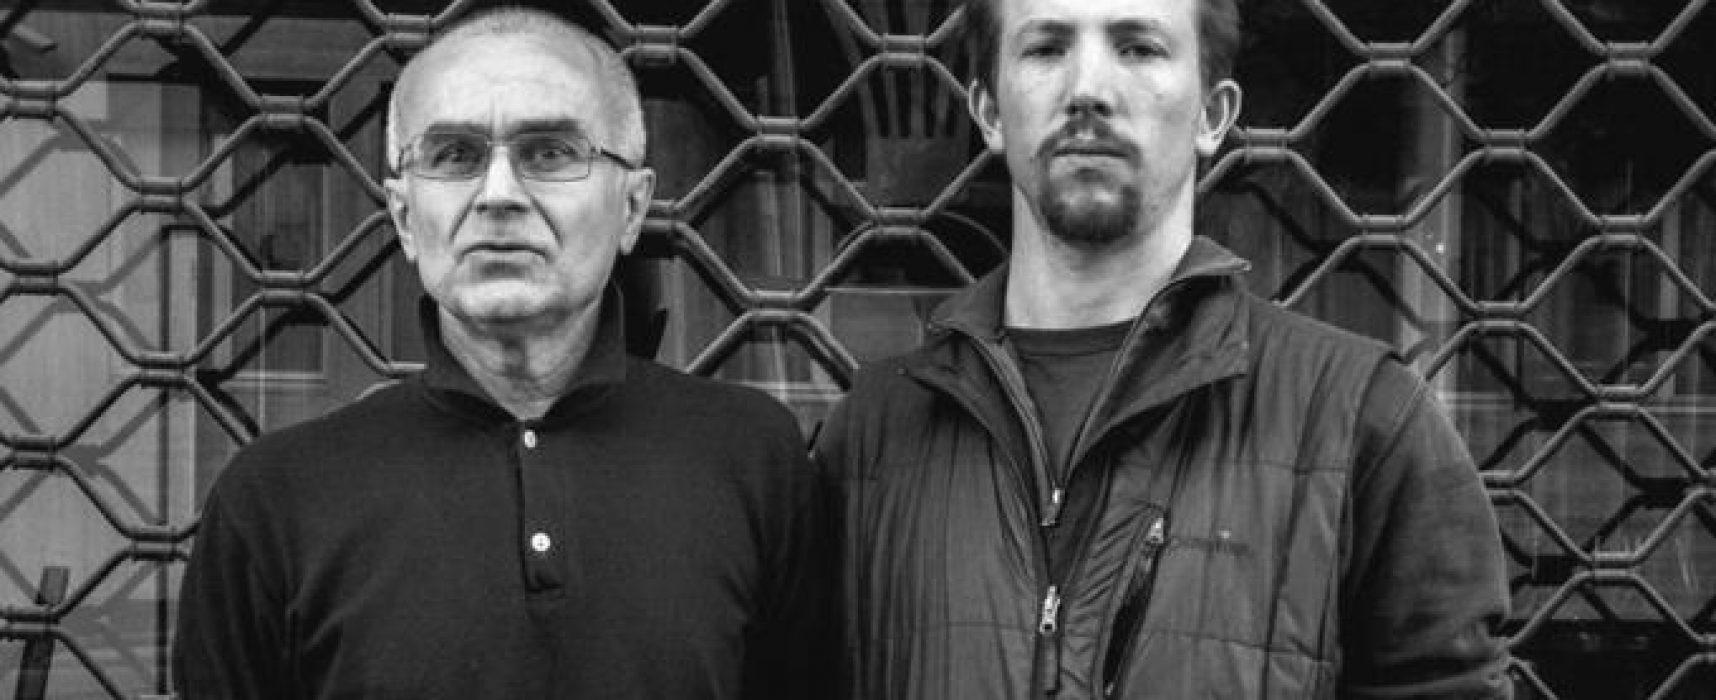 Andrea Rocchelli, arrestato in Italia un Ucraino